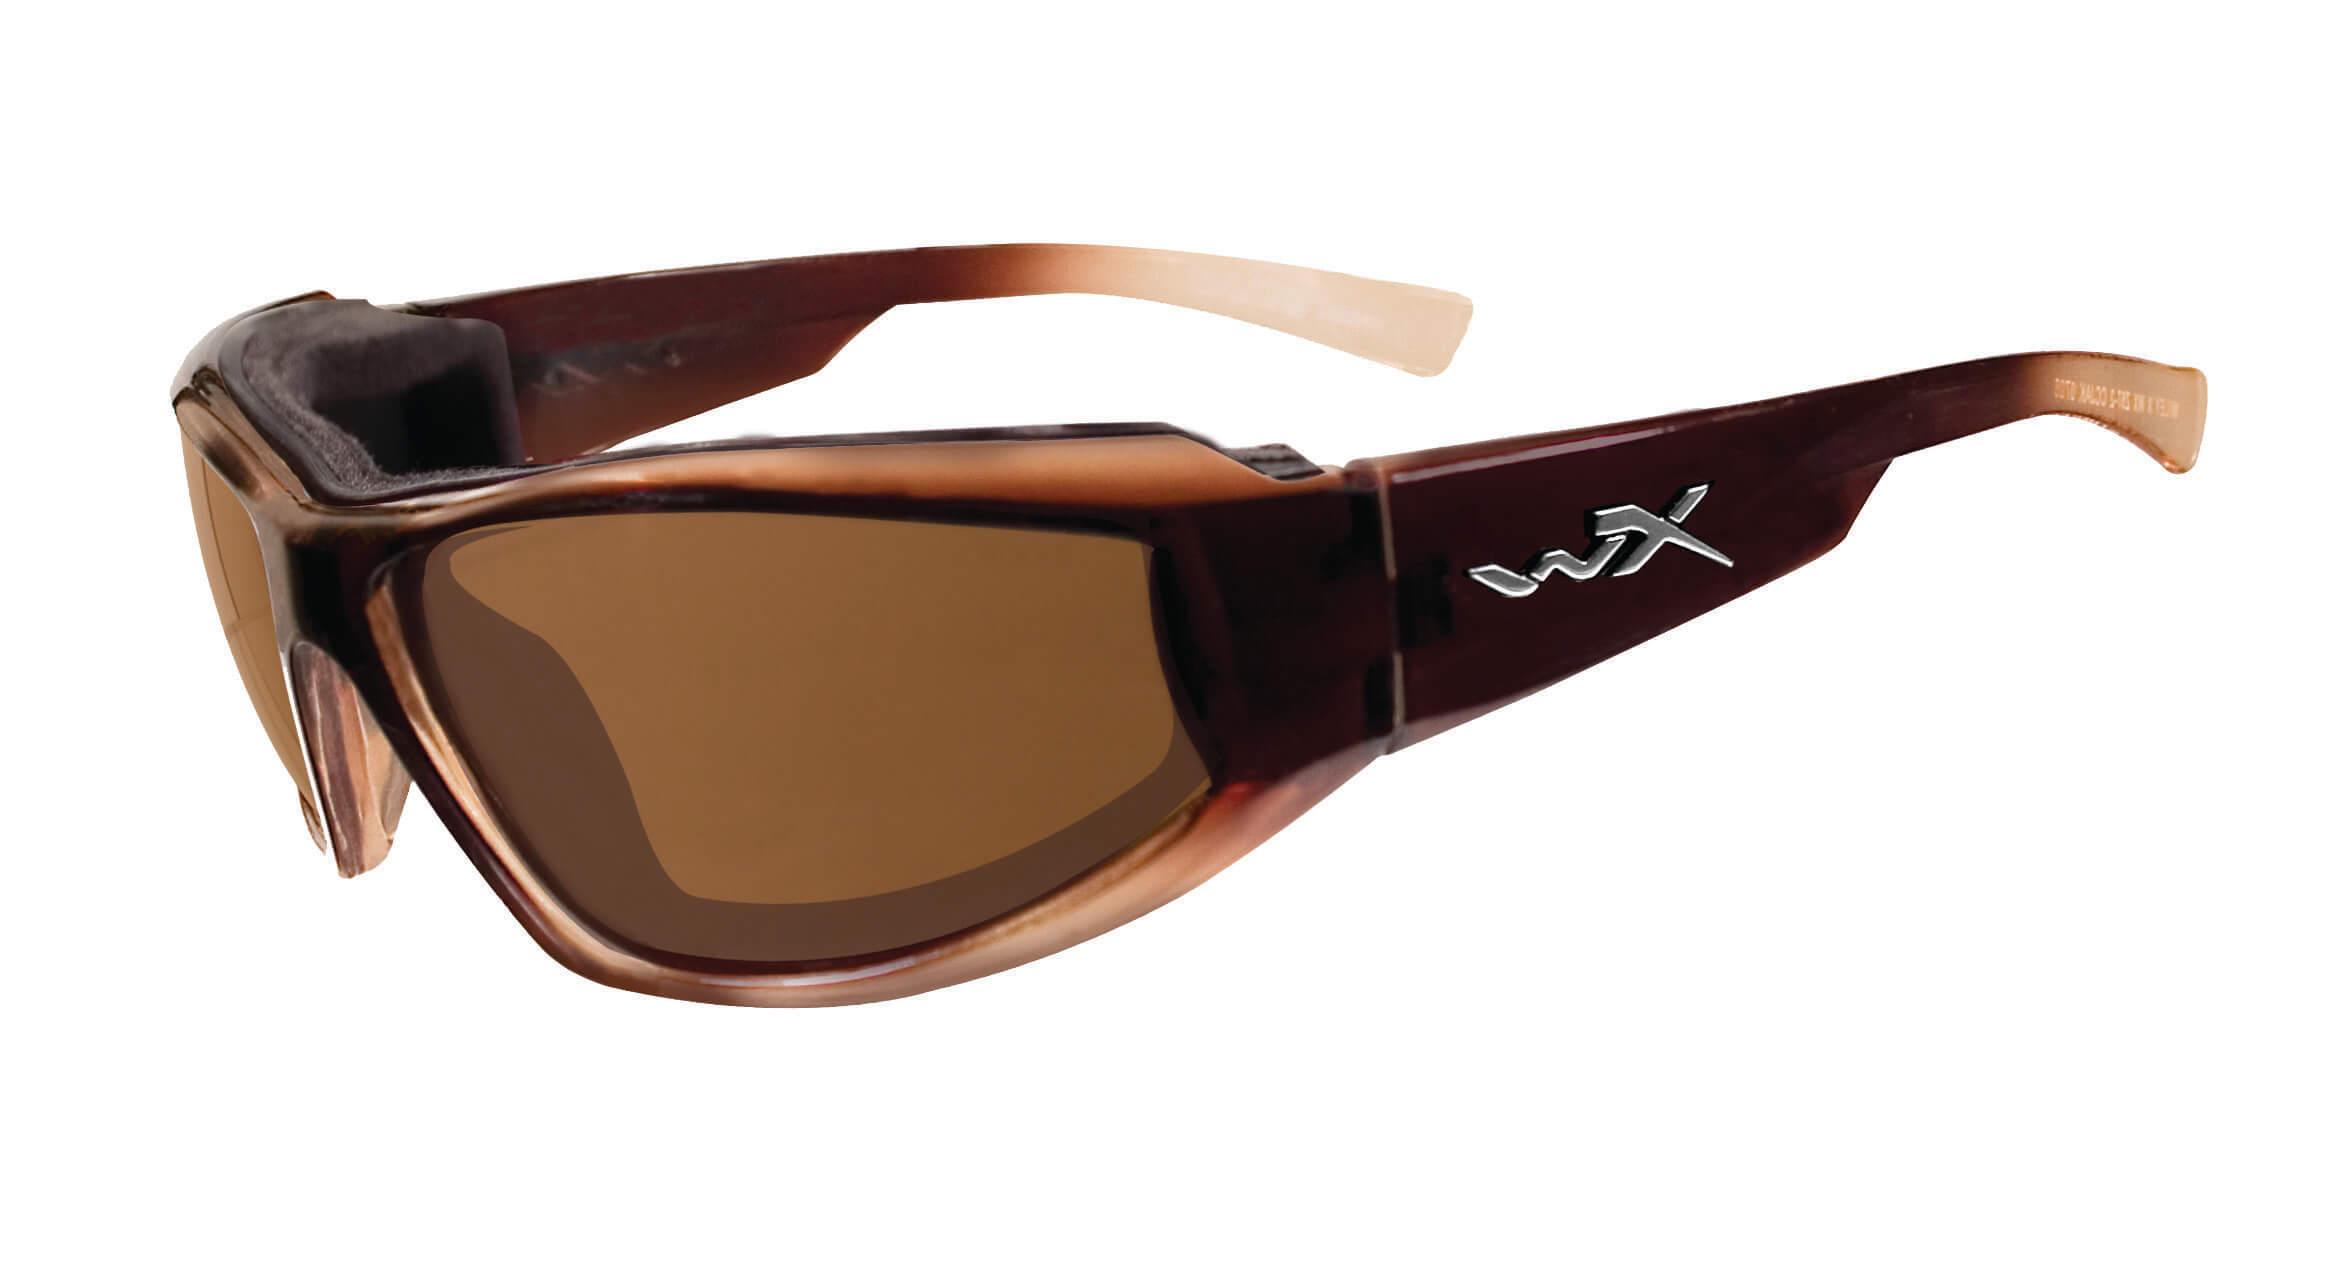 Napszemüveg Wiley X WX JAKE Polarizált bronz